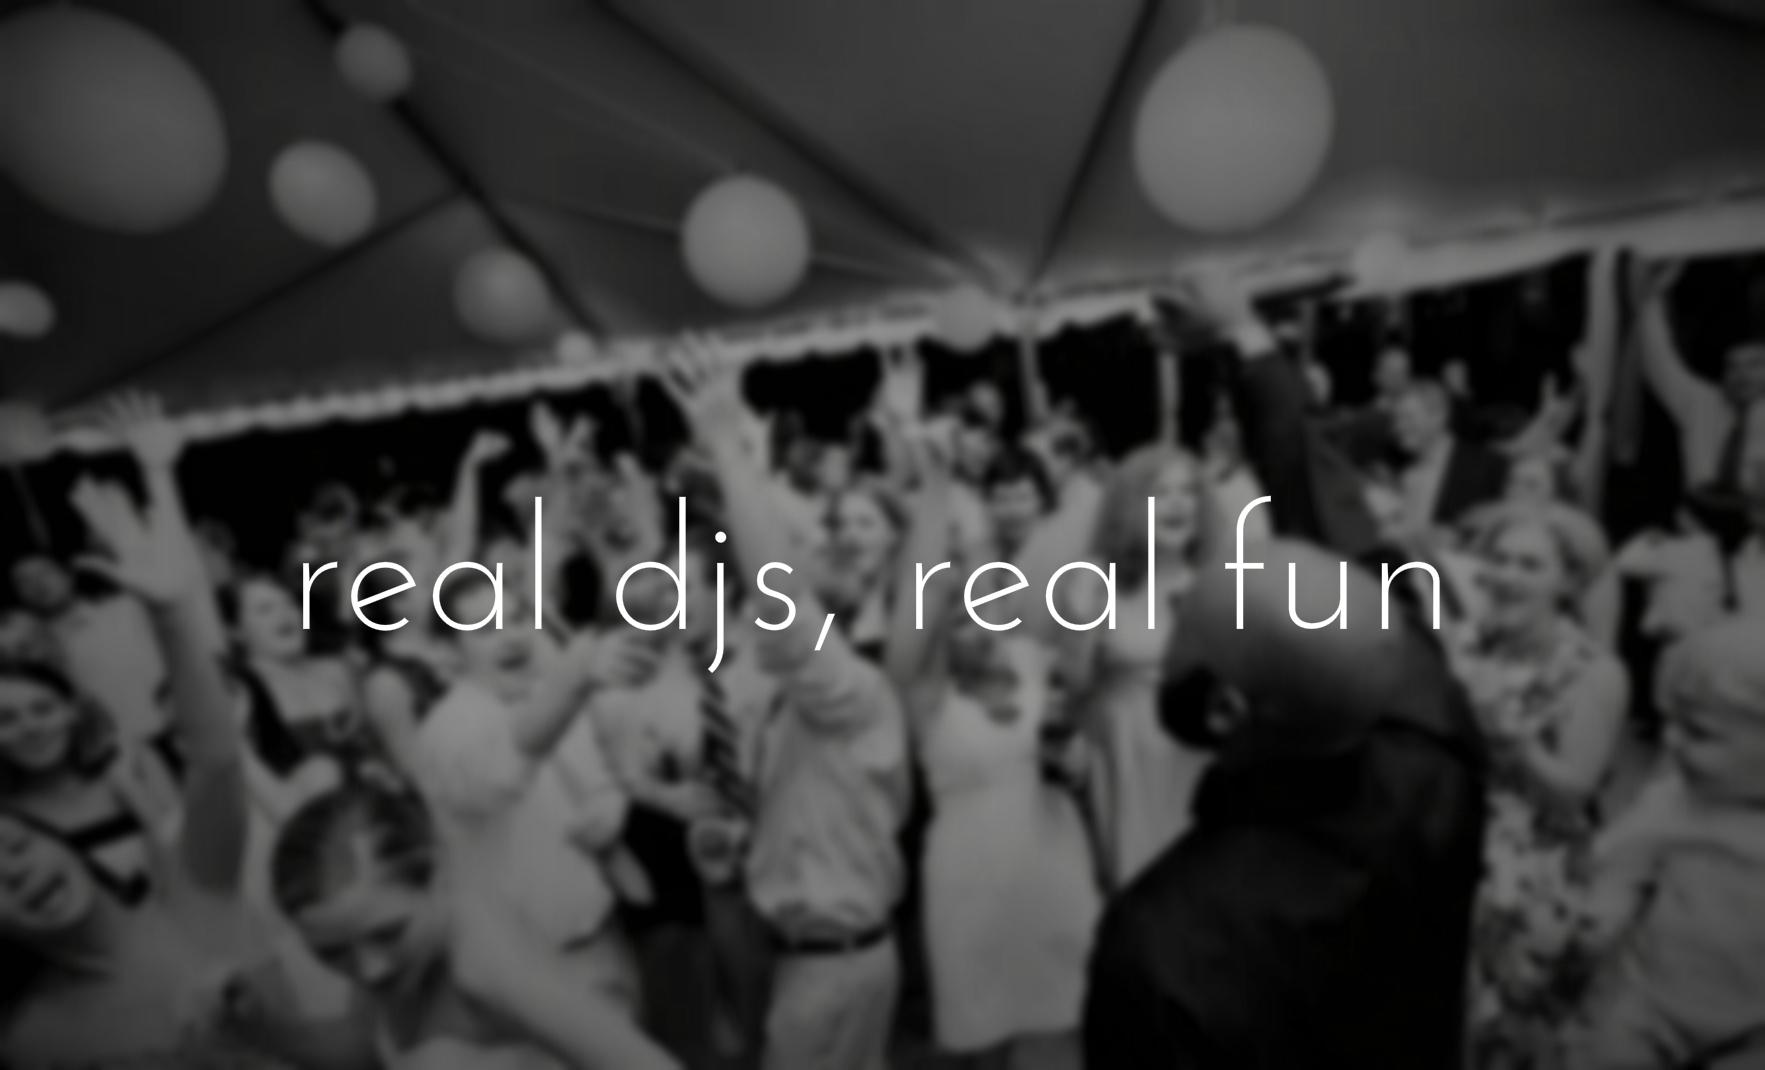 Real DJs, Real Fun